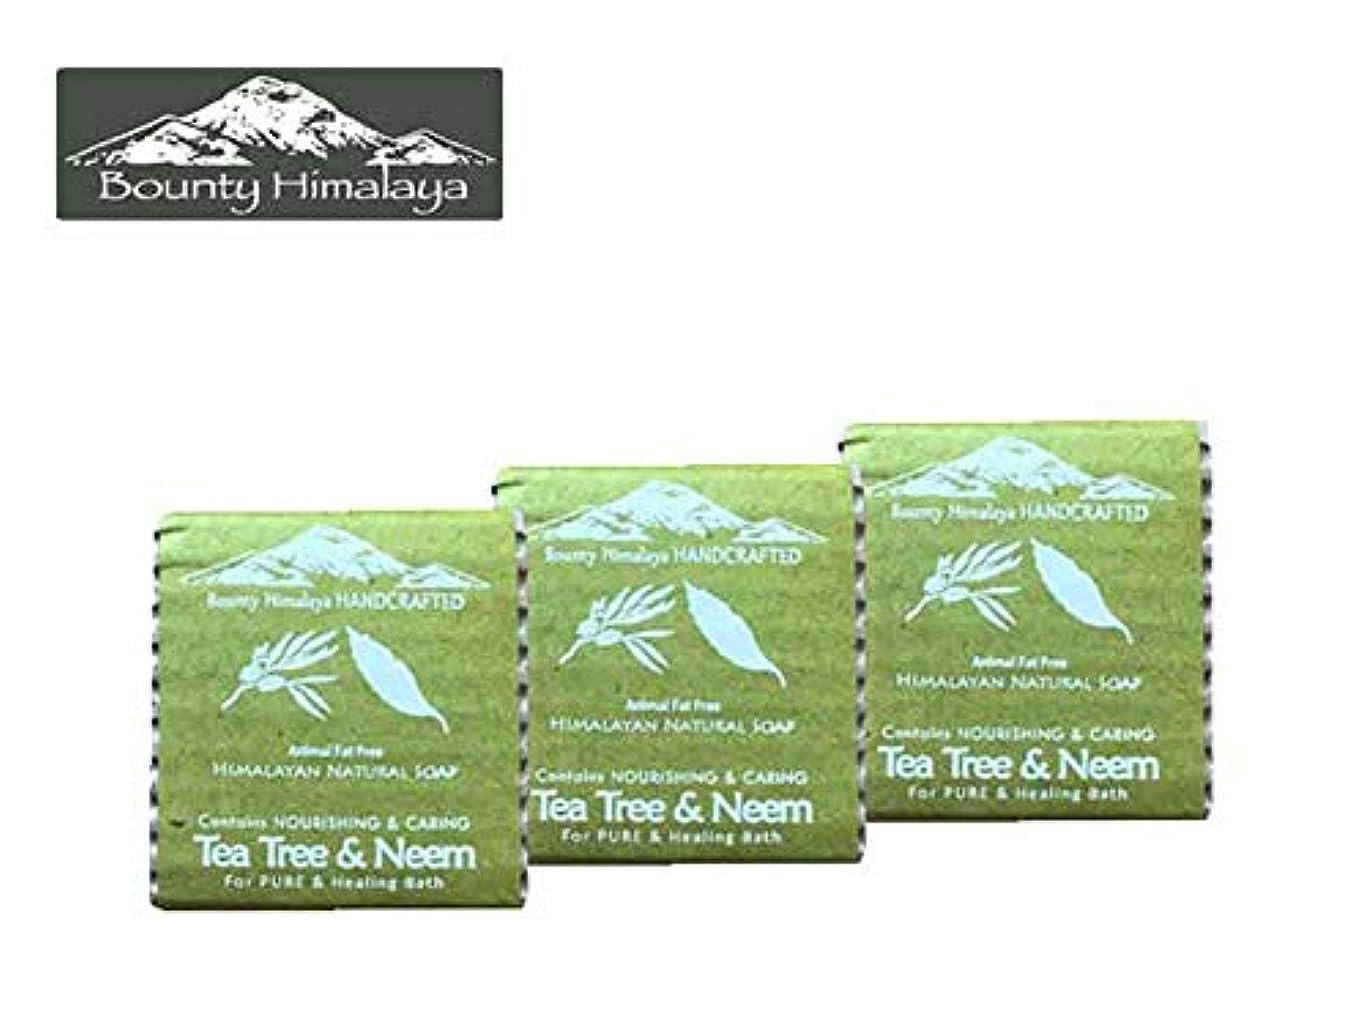 腐敗操作振るアーユルヴェーダ ヒマラヤ ティーツリー?ニーム ソープ3セット Bounty Himalaya Tea Tree & Neem SOAP(NEPAL AYURVEDA) 100g